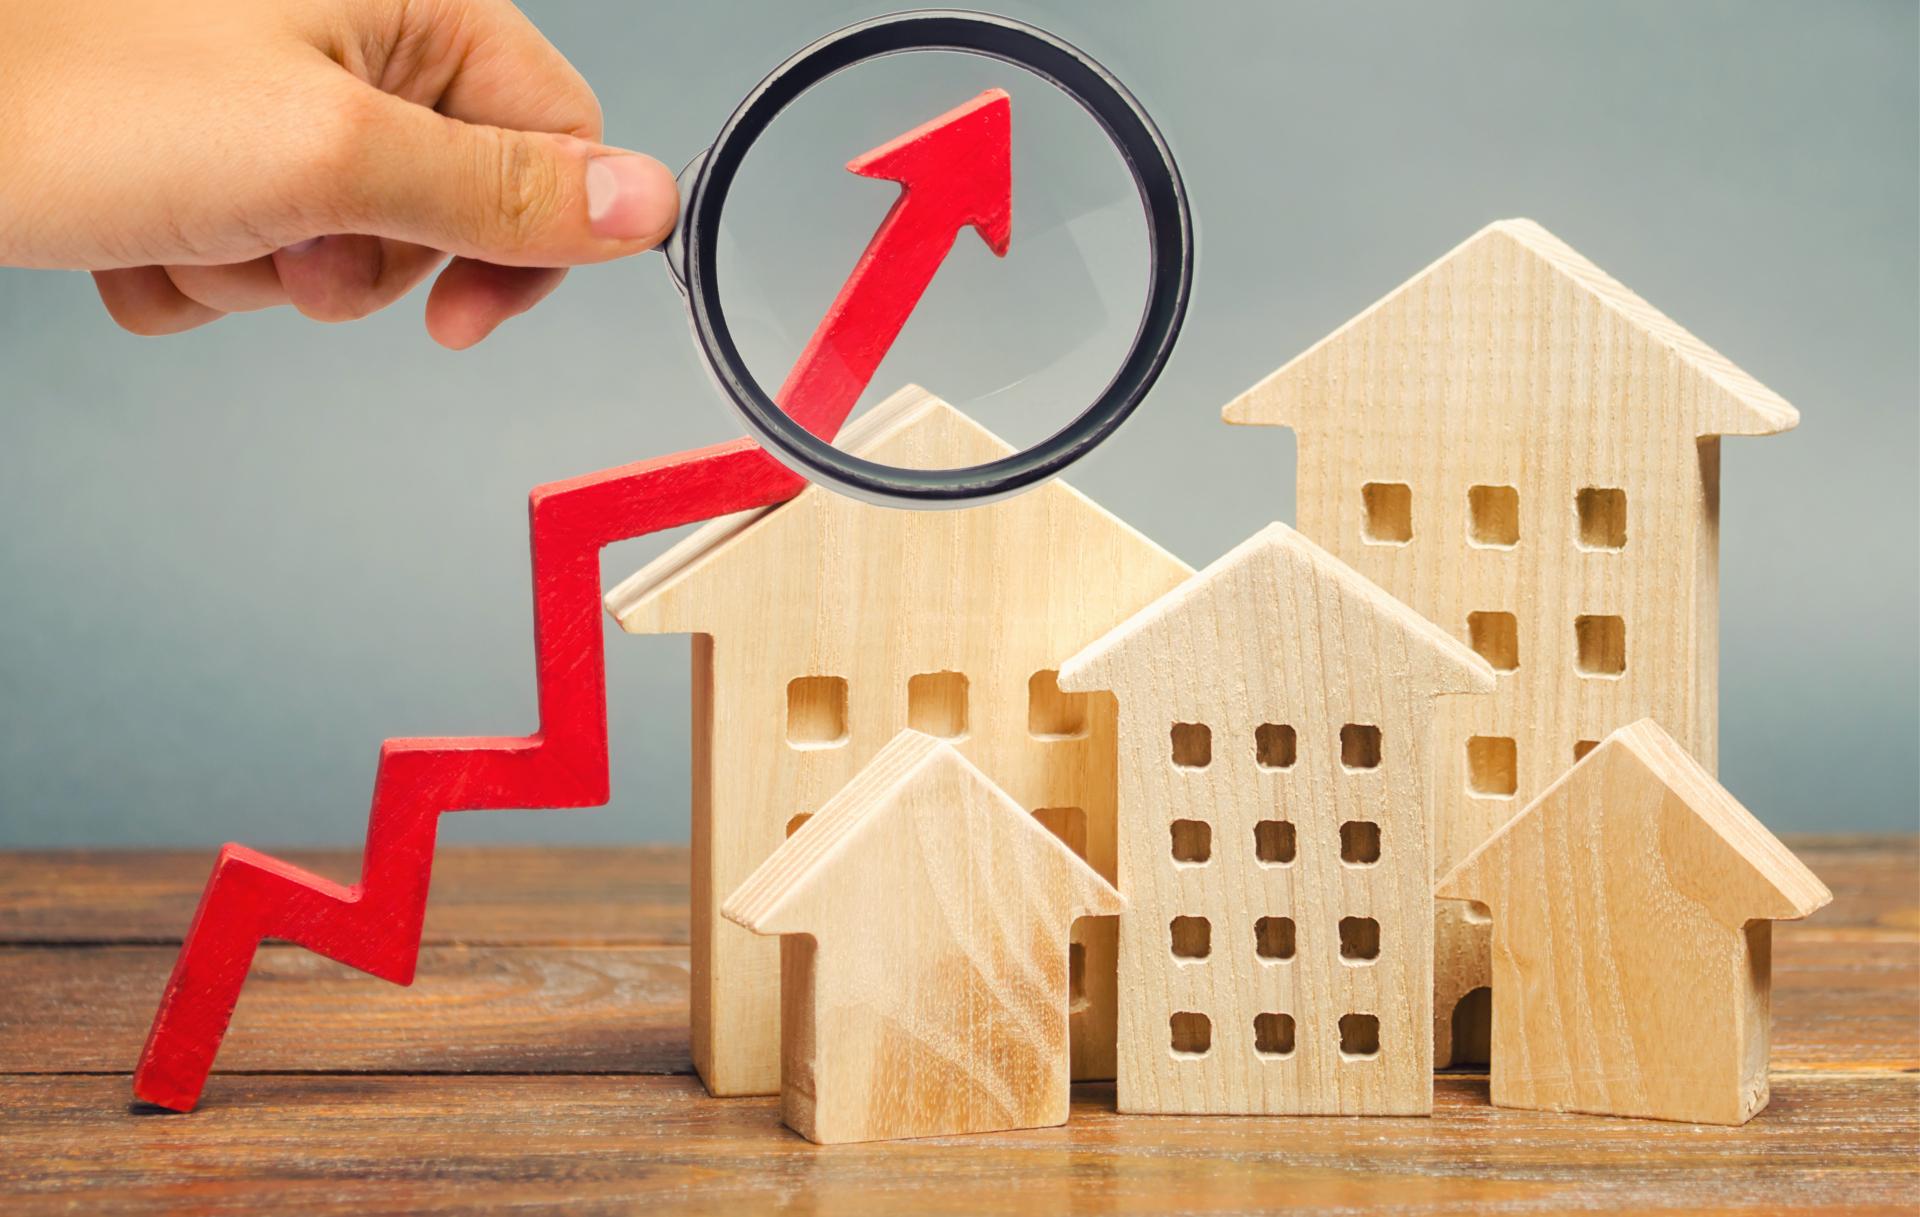 По мнению застройщиков, проверка ФАС не повлияет на цены. Они и дальше будут находиться под действием рыночных механизмов — высокого спроса и недостаточного предложения